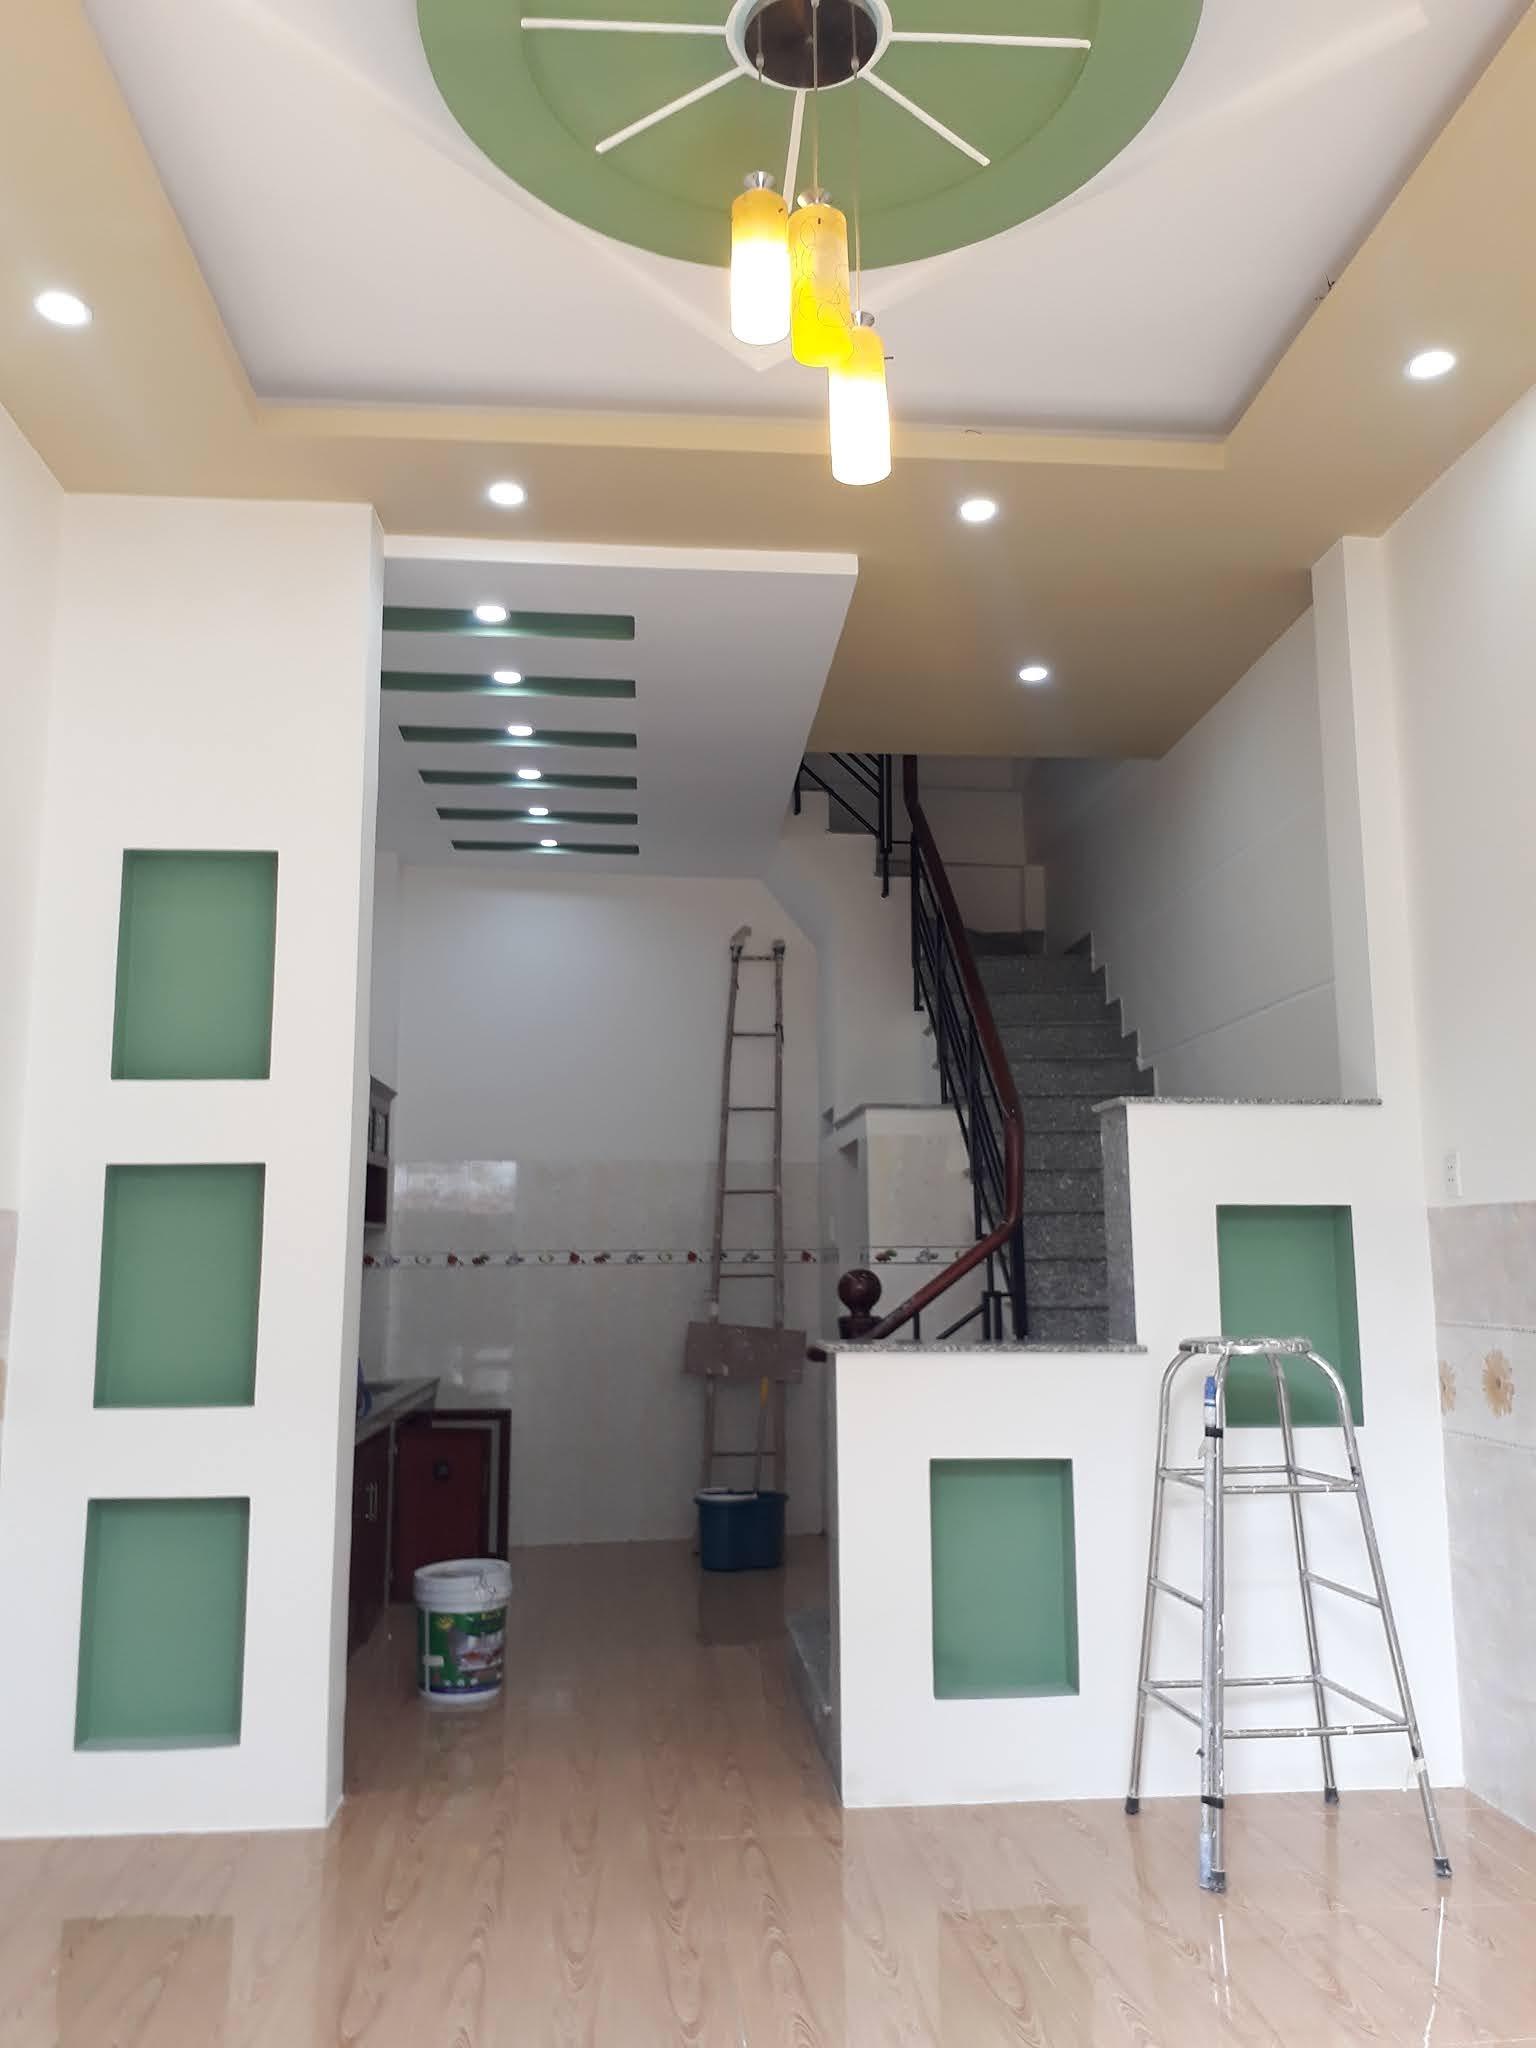 Bán nhà hẻm 5m Đường số 16 phường Bình Hưng Hòa A quận Bình Tân giá rẻ 2020